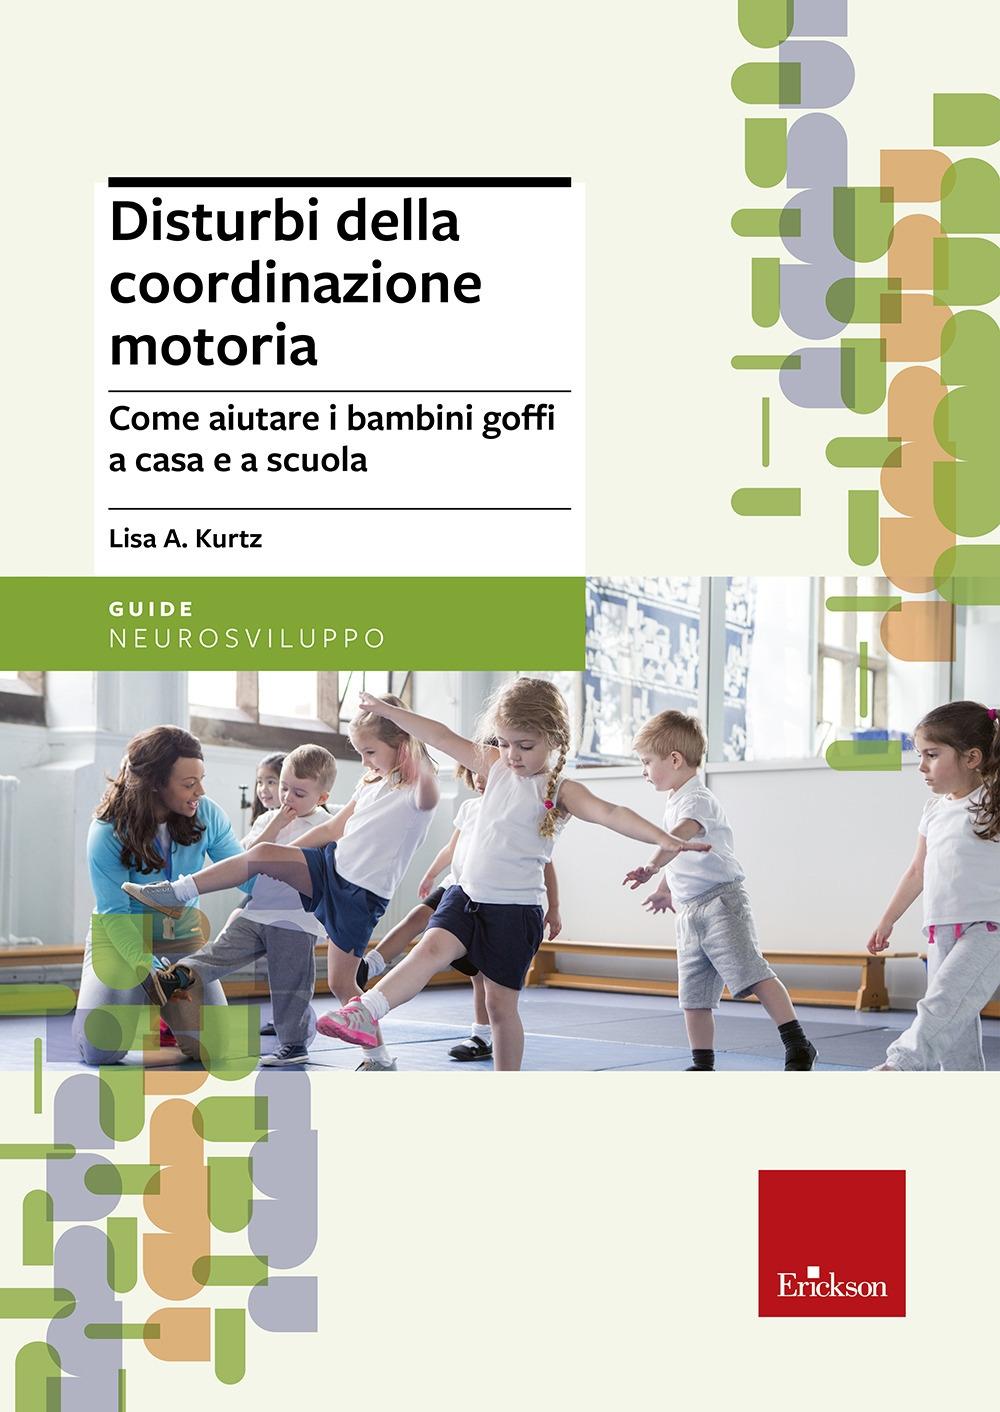 Disturbi della coordinazione motoria. Come aiutare i bambini goffi a casa e a scuola.